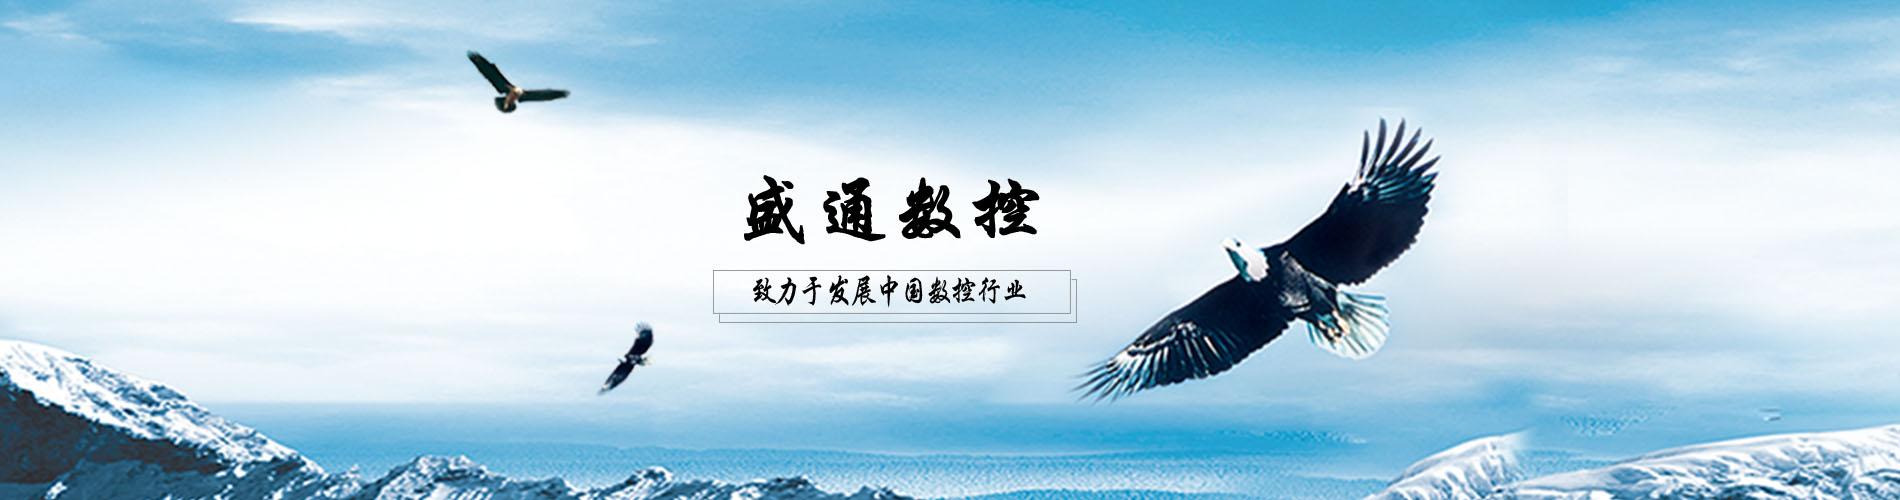 致力于中国数控行业的发展